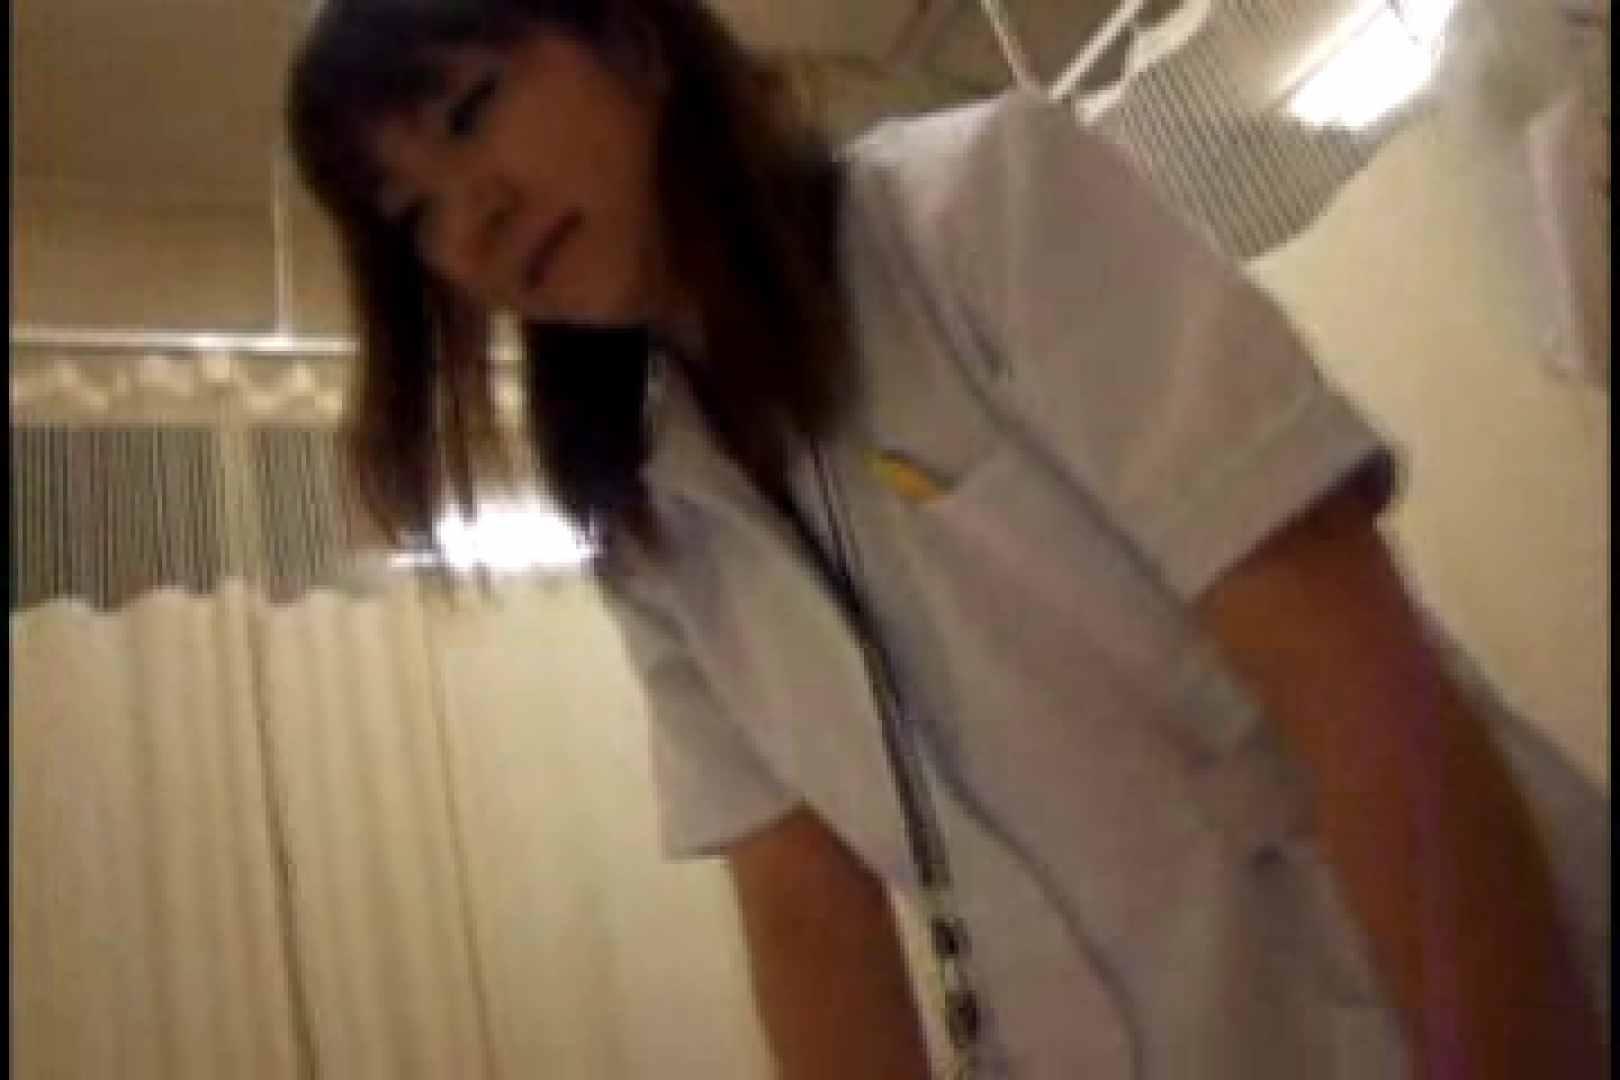 ヤリマンと呼ばれた看護士さんvol1 OLのエッチ | シックスナイン  112pic 58